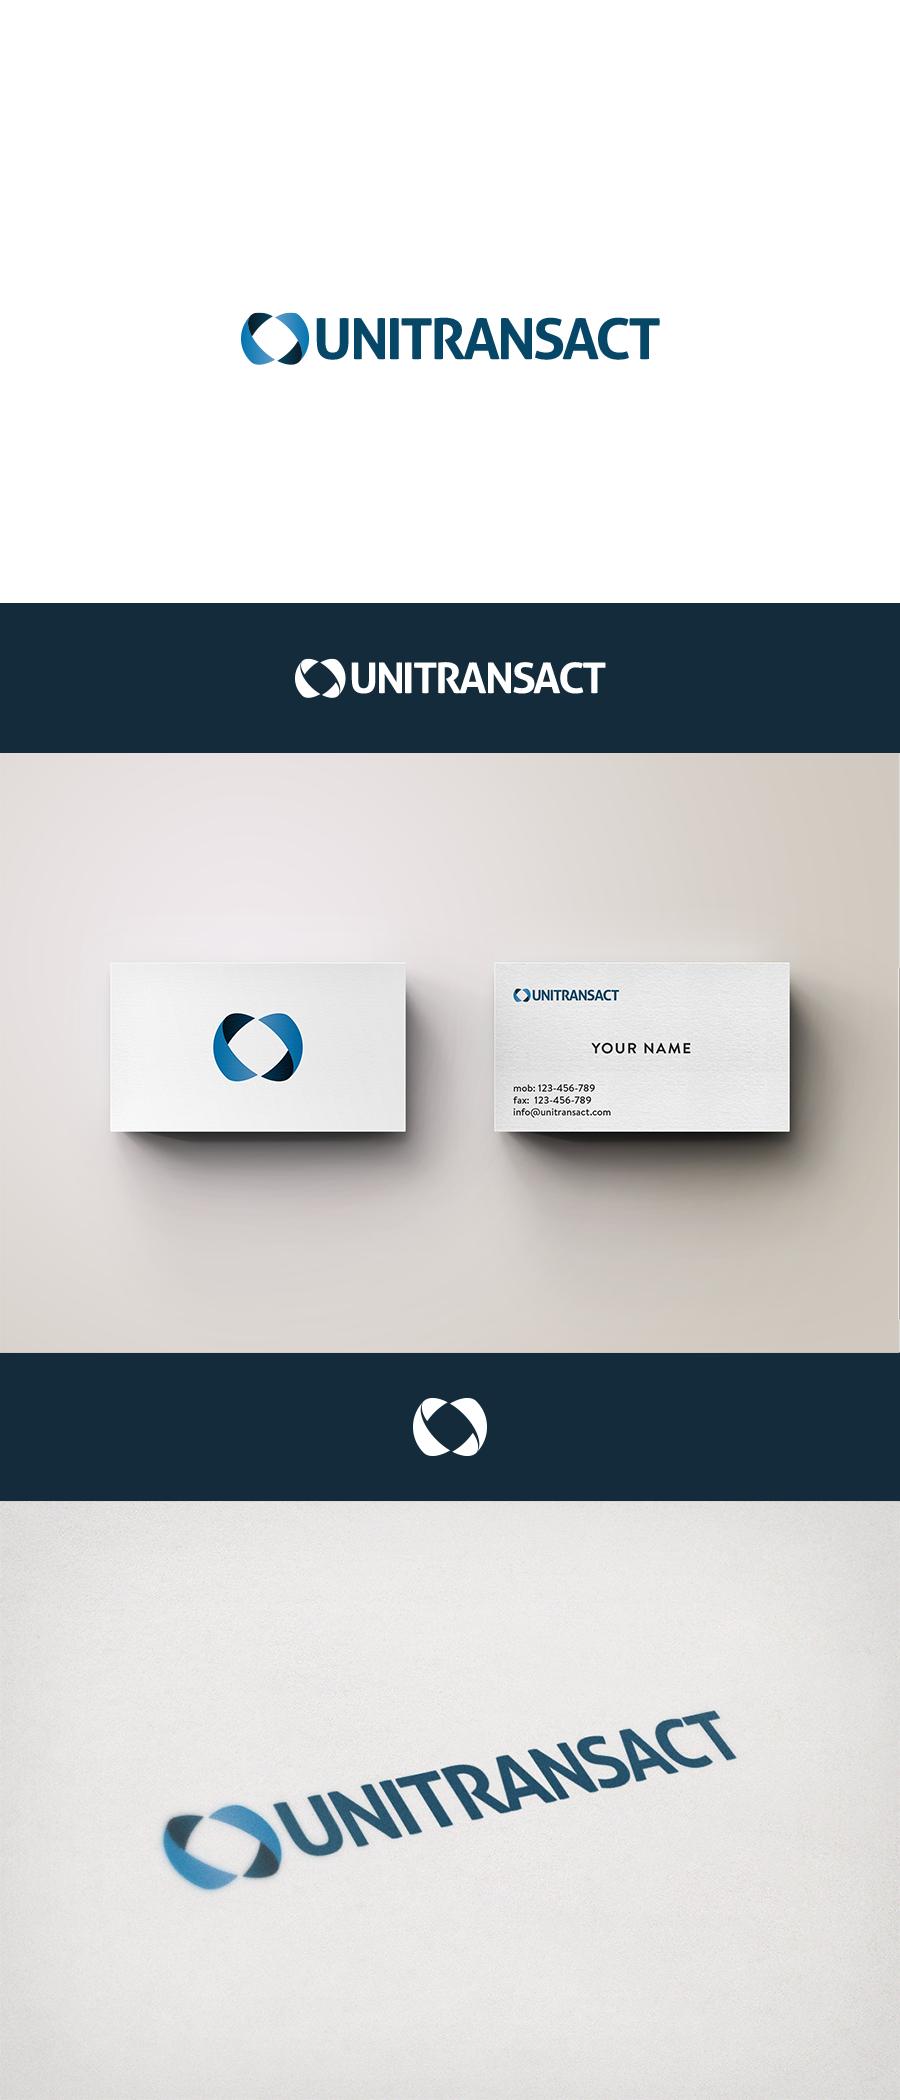 Unitransact (UTA) needs a logo